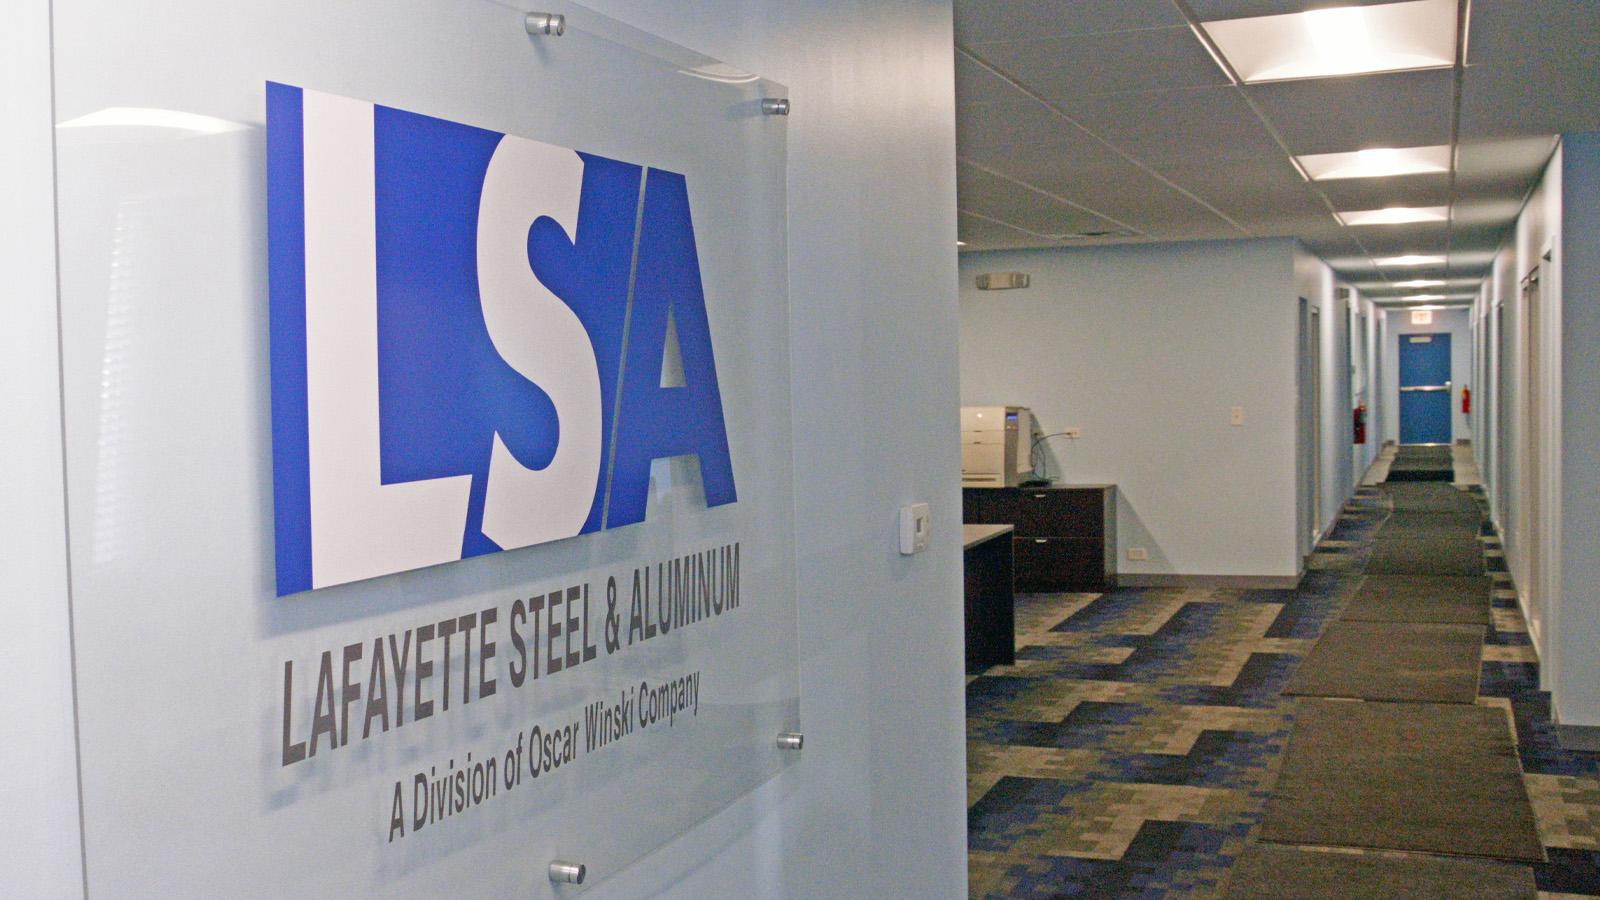 Lafayette Steel Corp Office - web 4.jpg